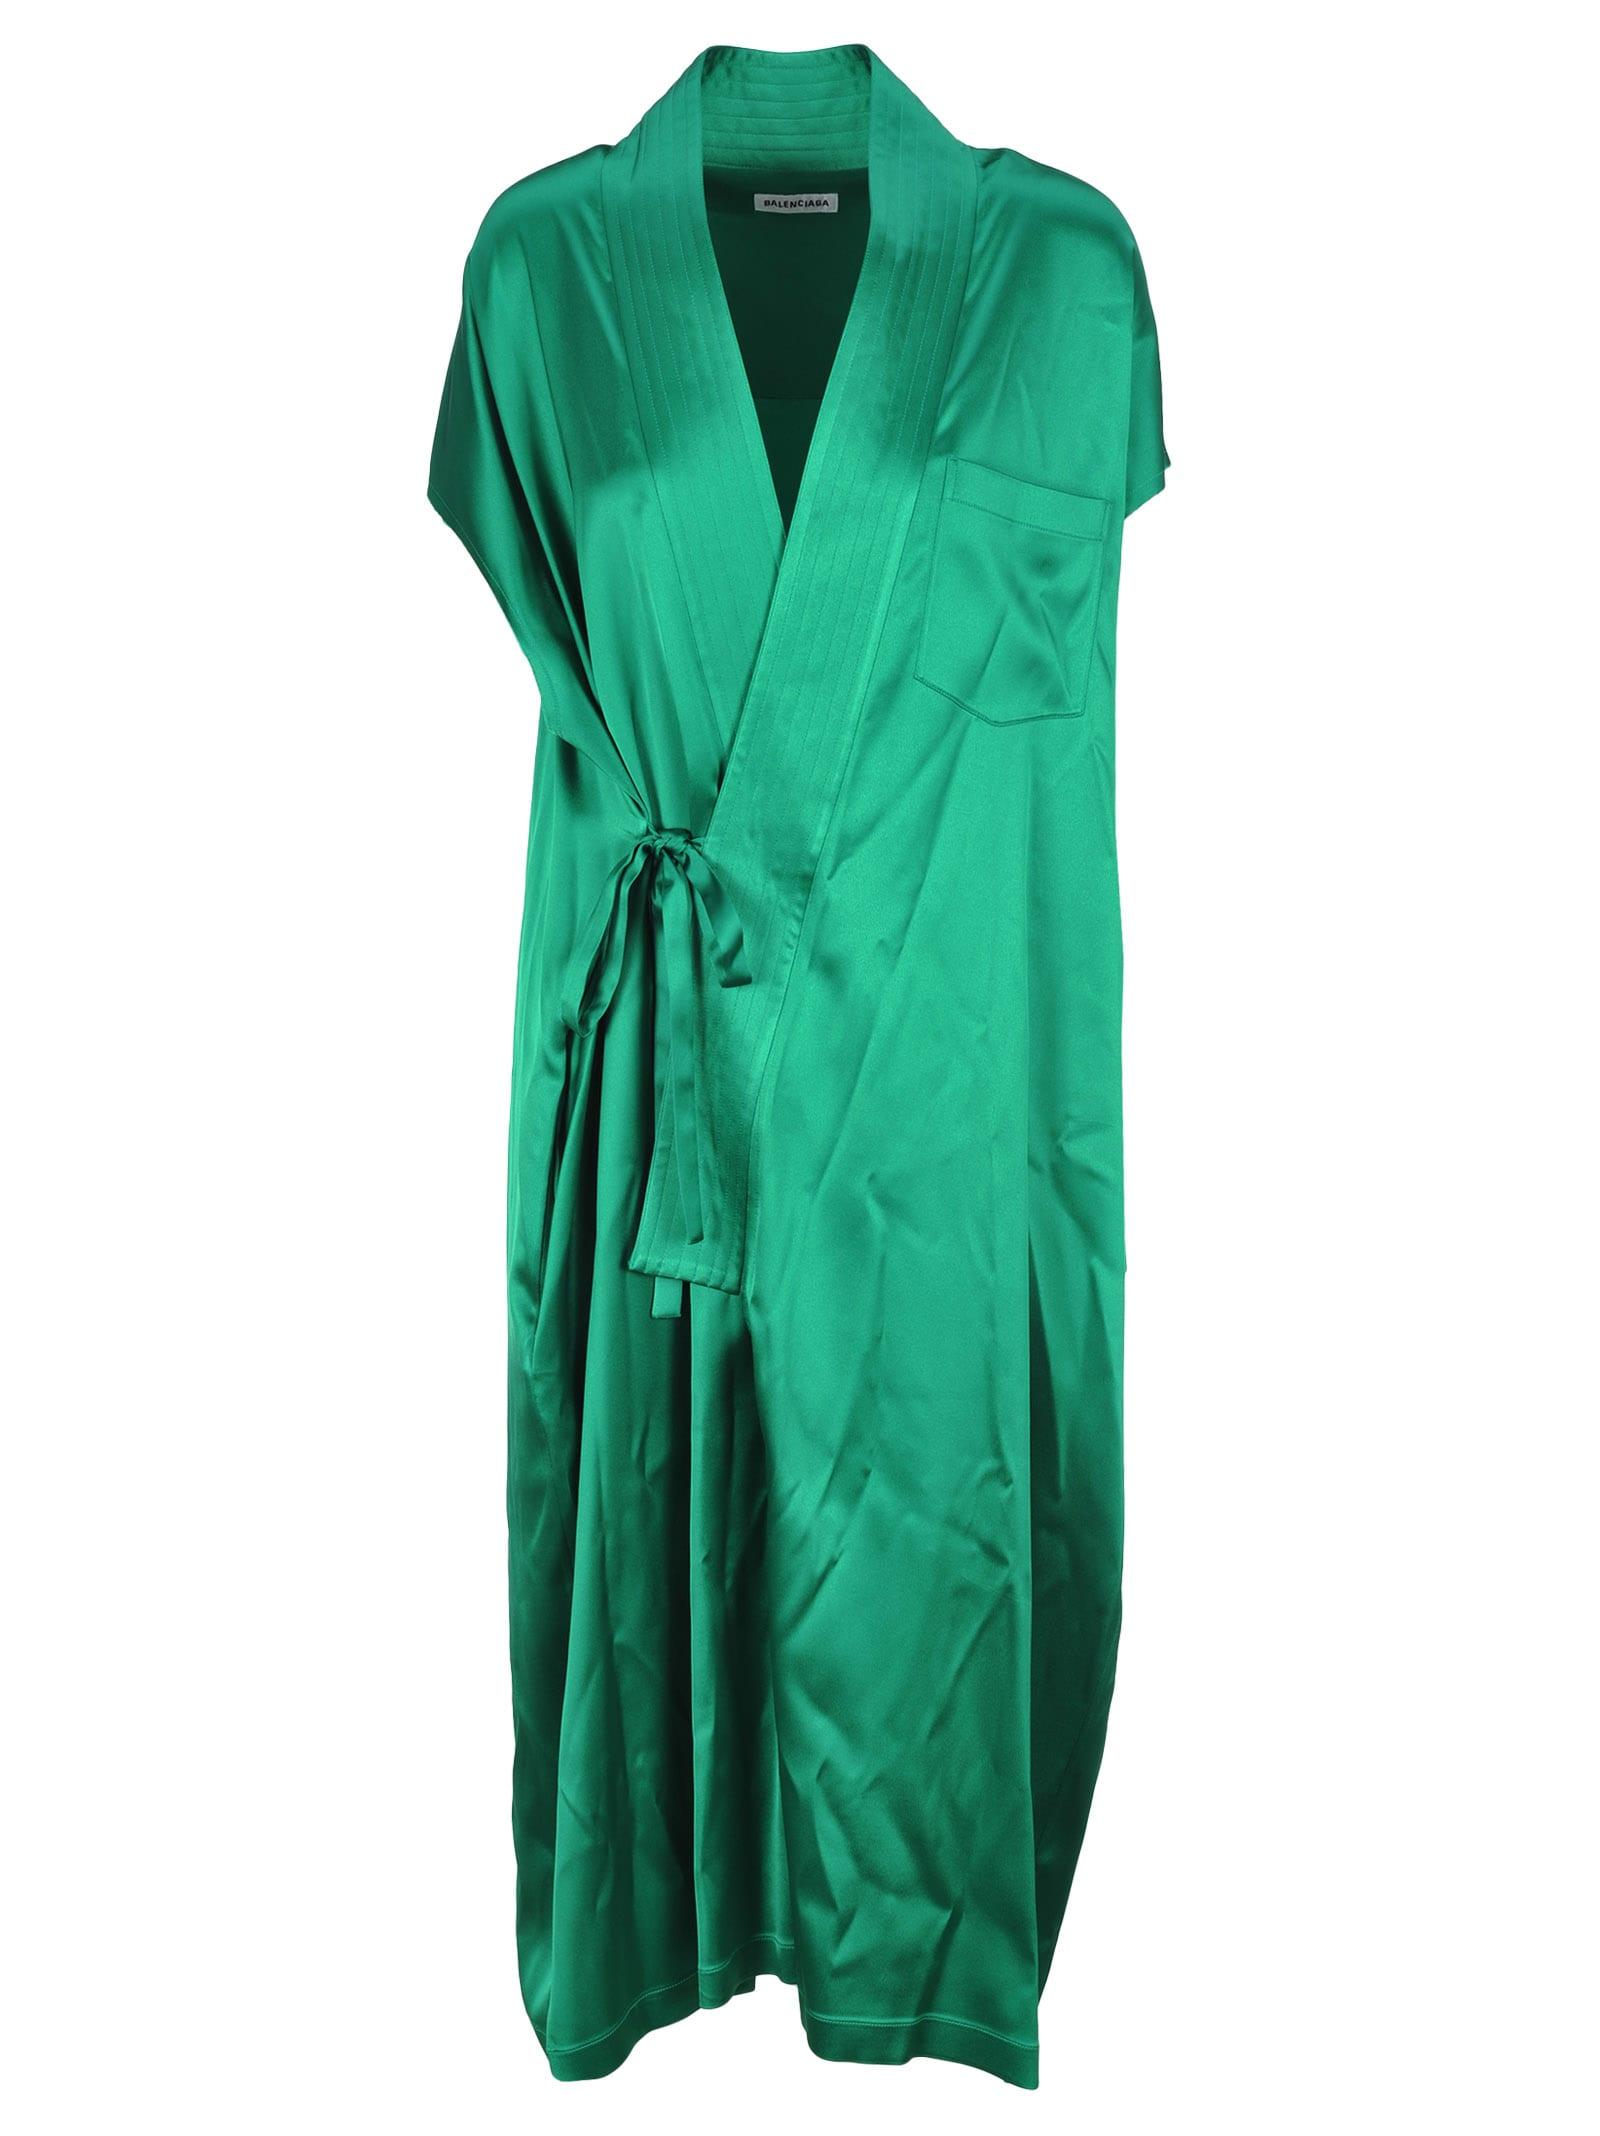 Balenciaga Judo Style Dress